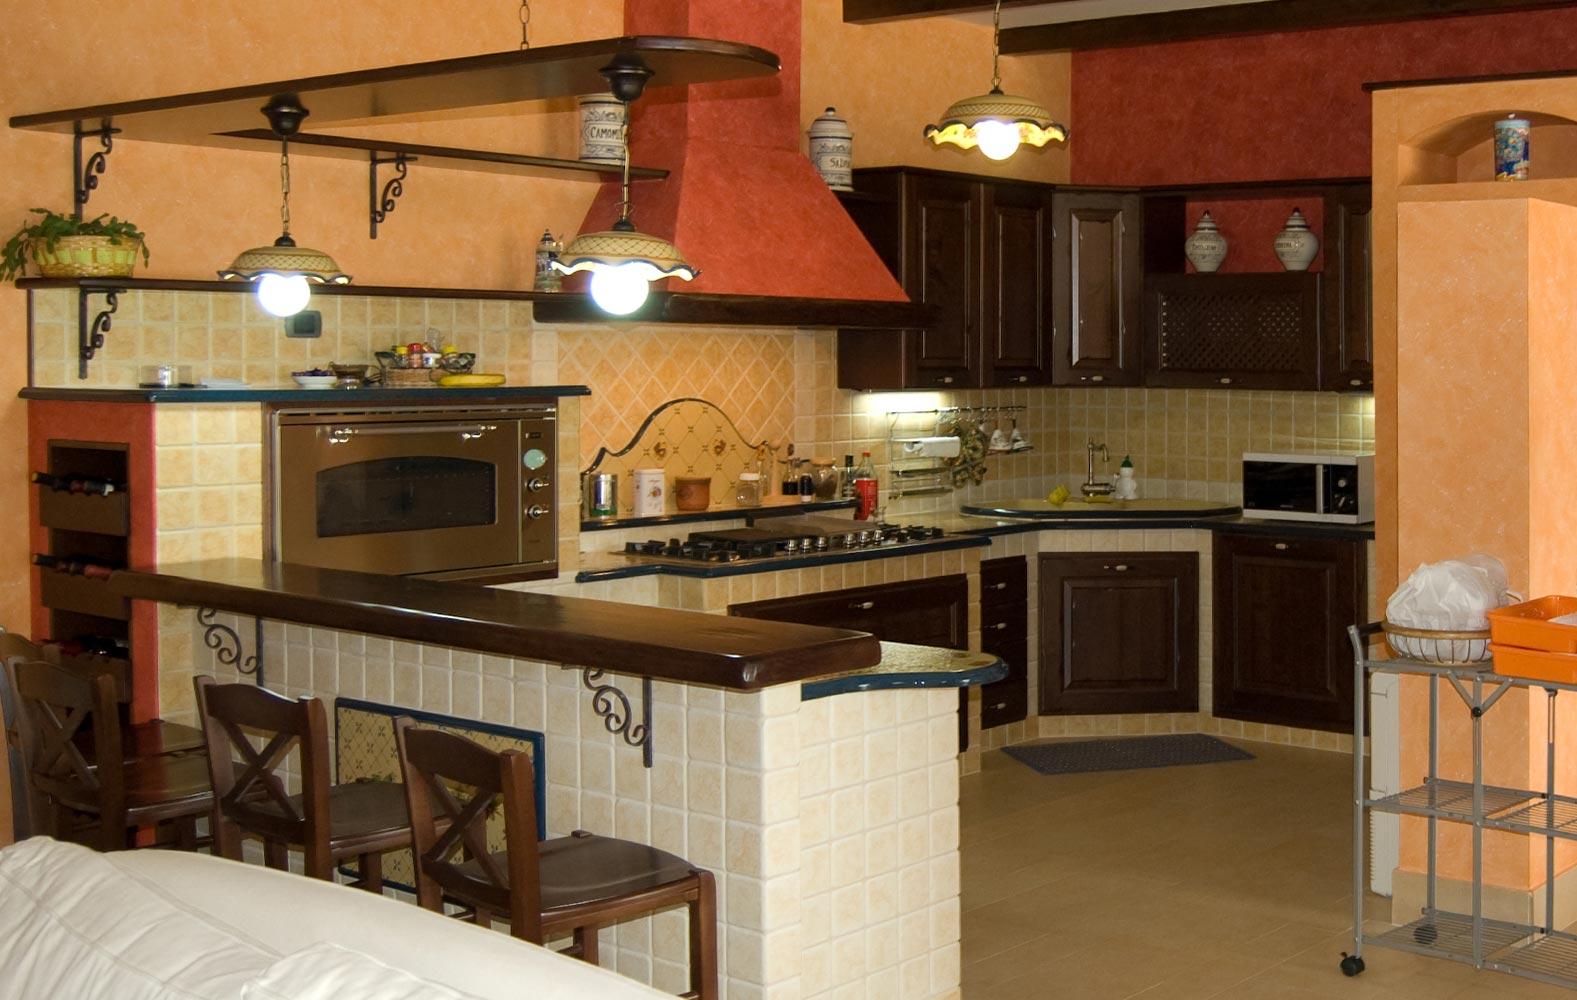 Cucine in arte povera in muratura smontabile | Modello ...